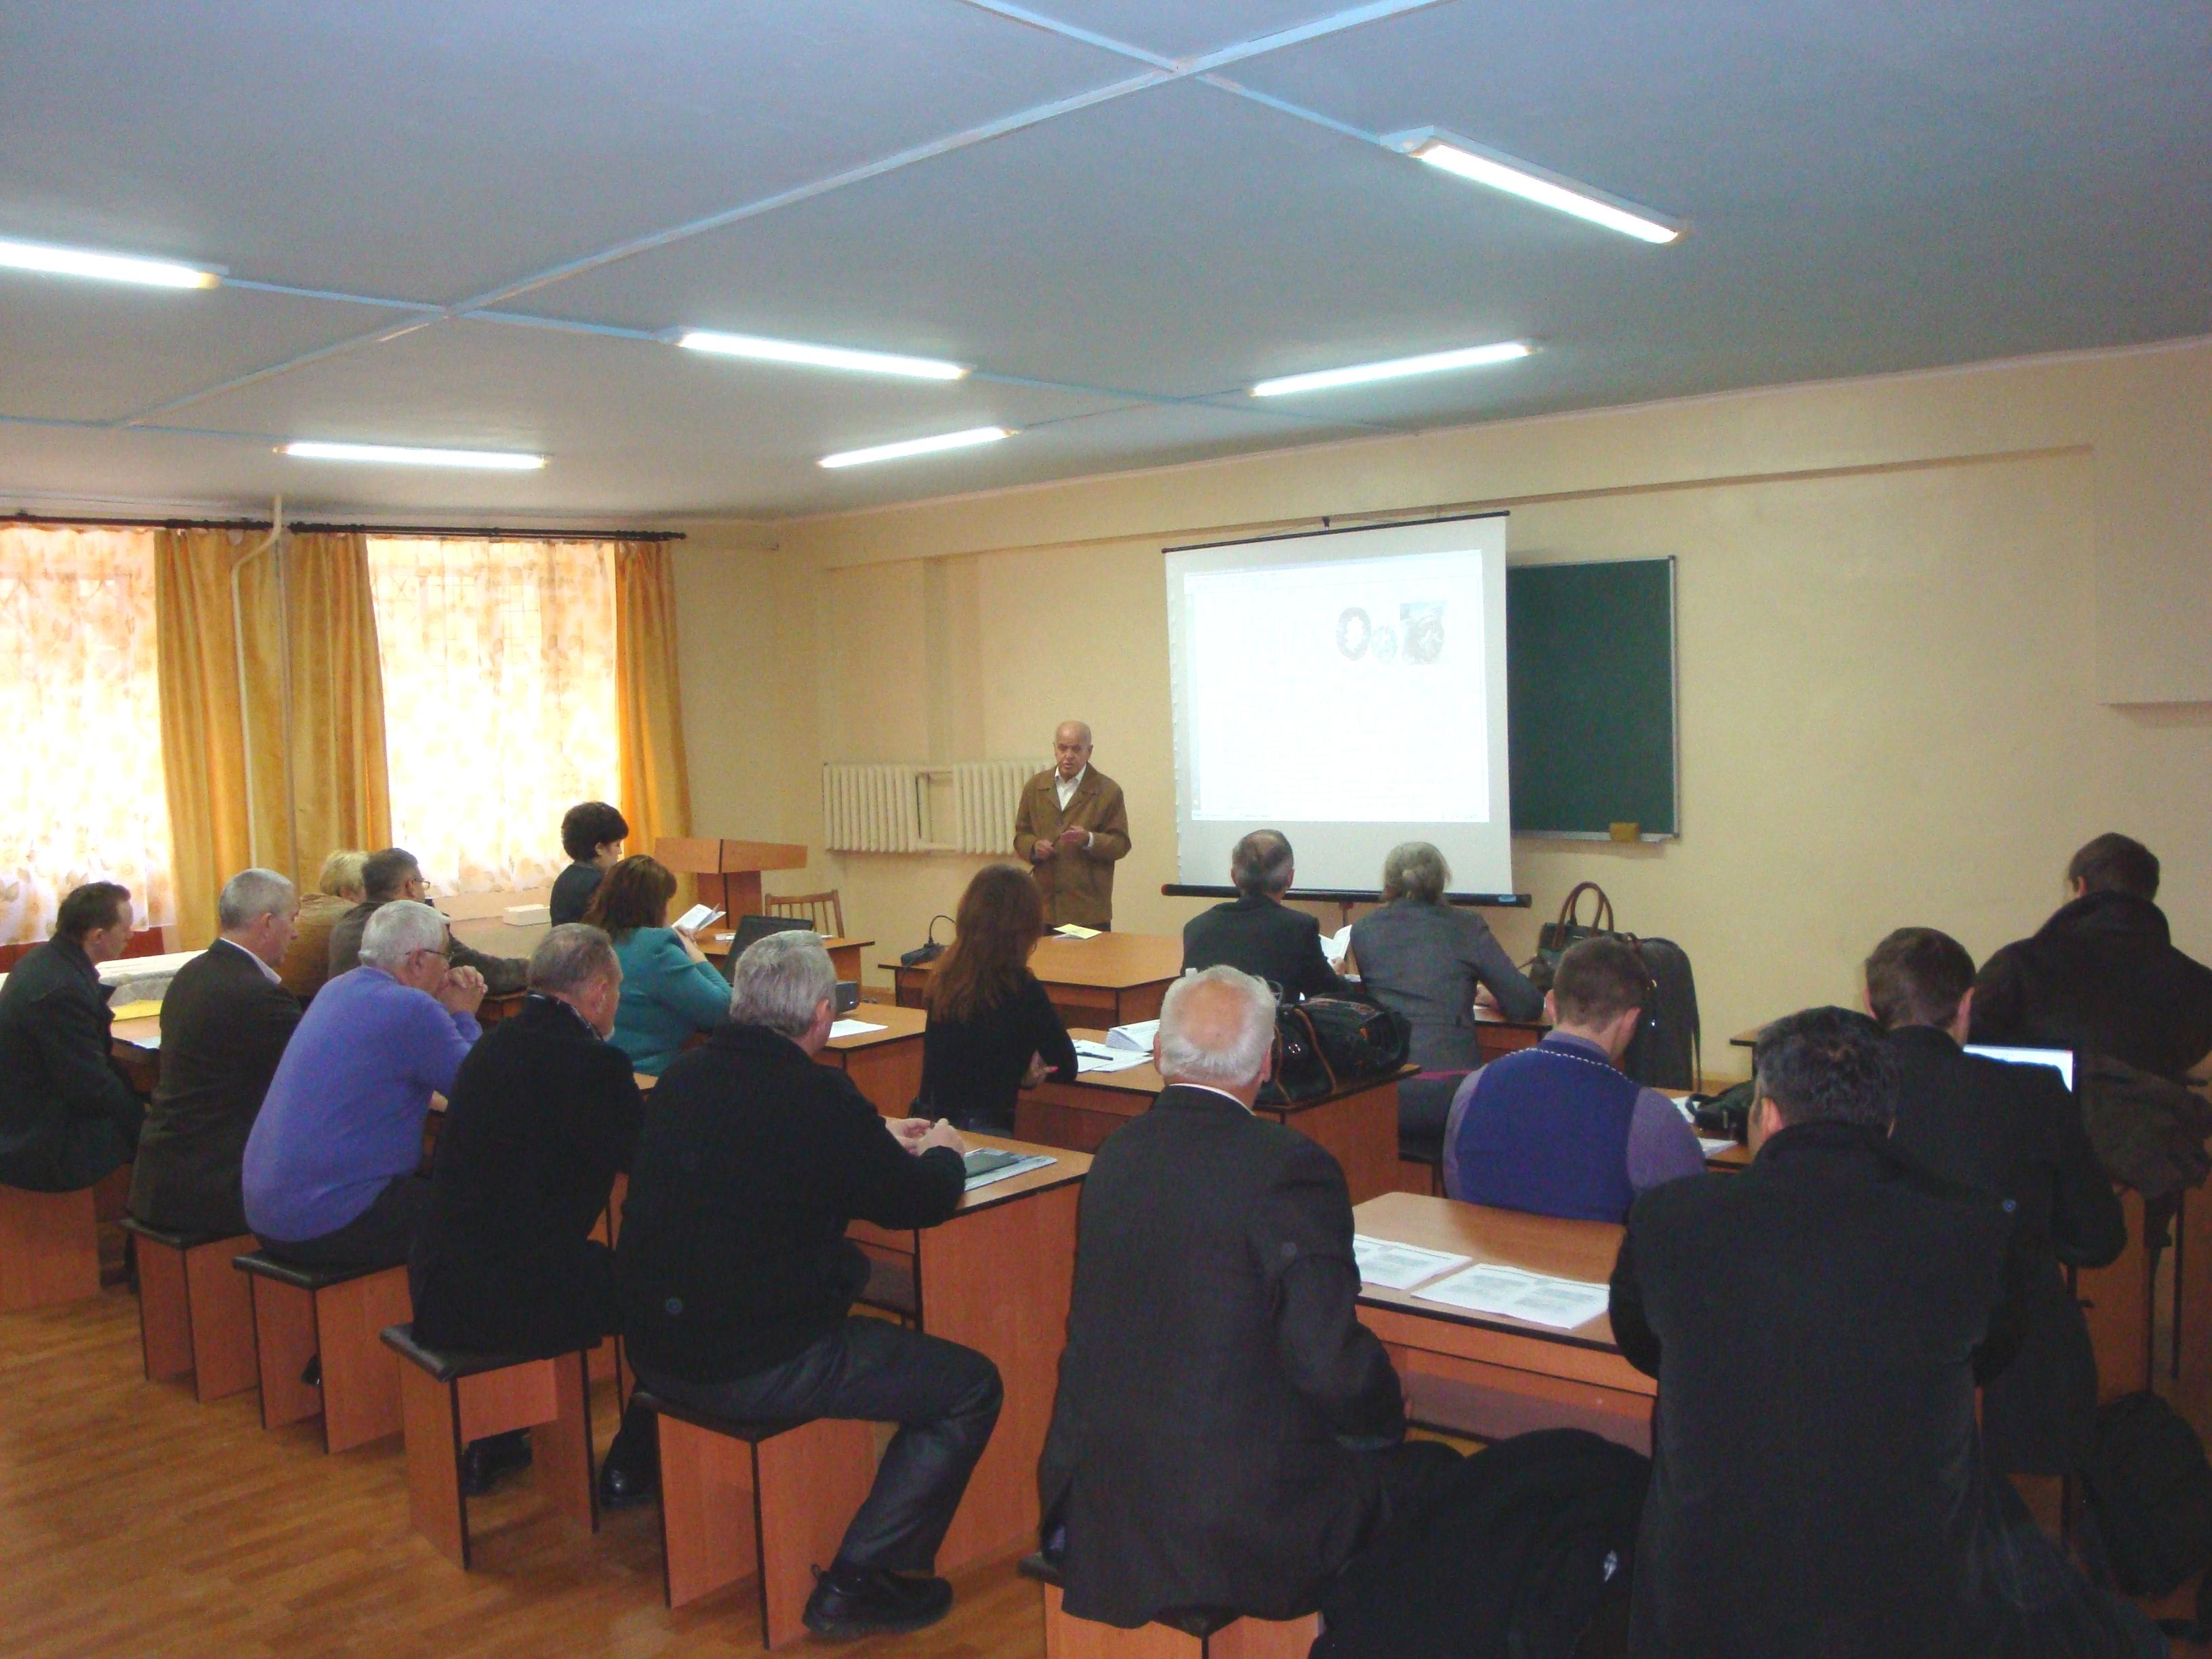 проф. Лущик В.Д. (НУ биоресурсов и природопользования, Киев)